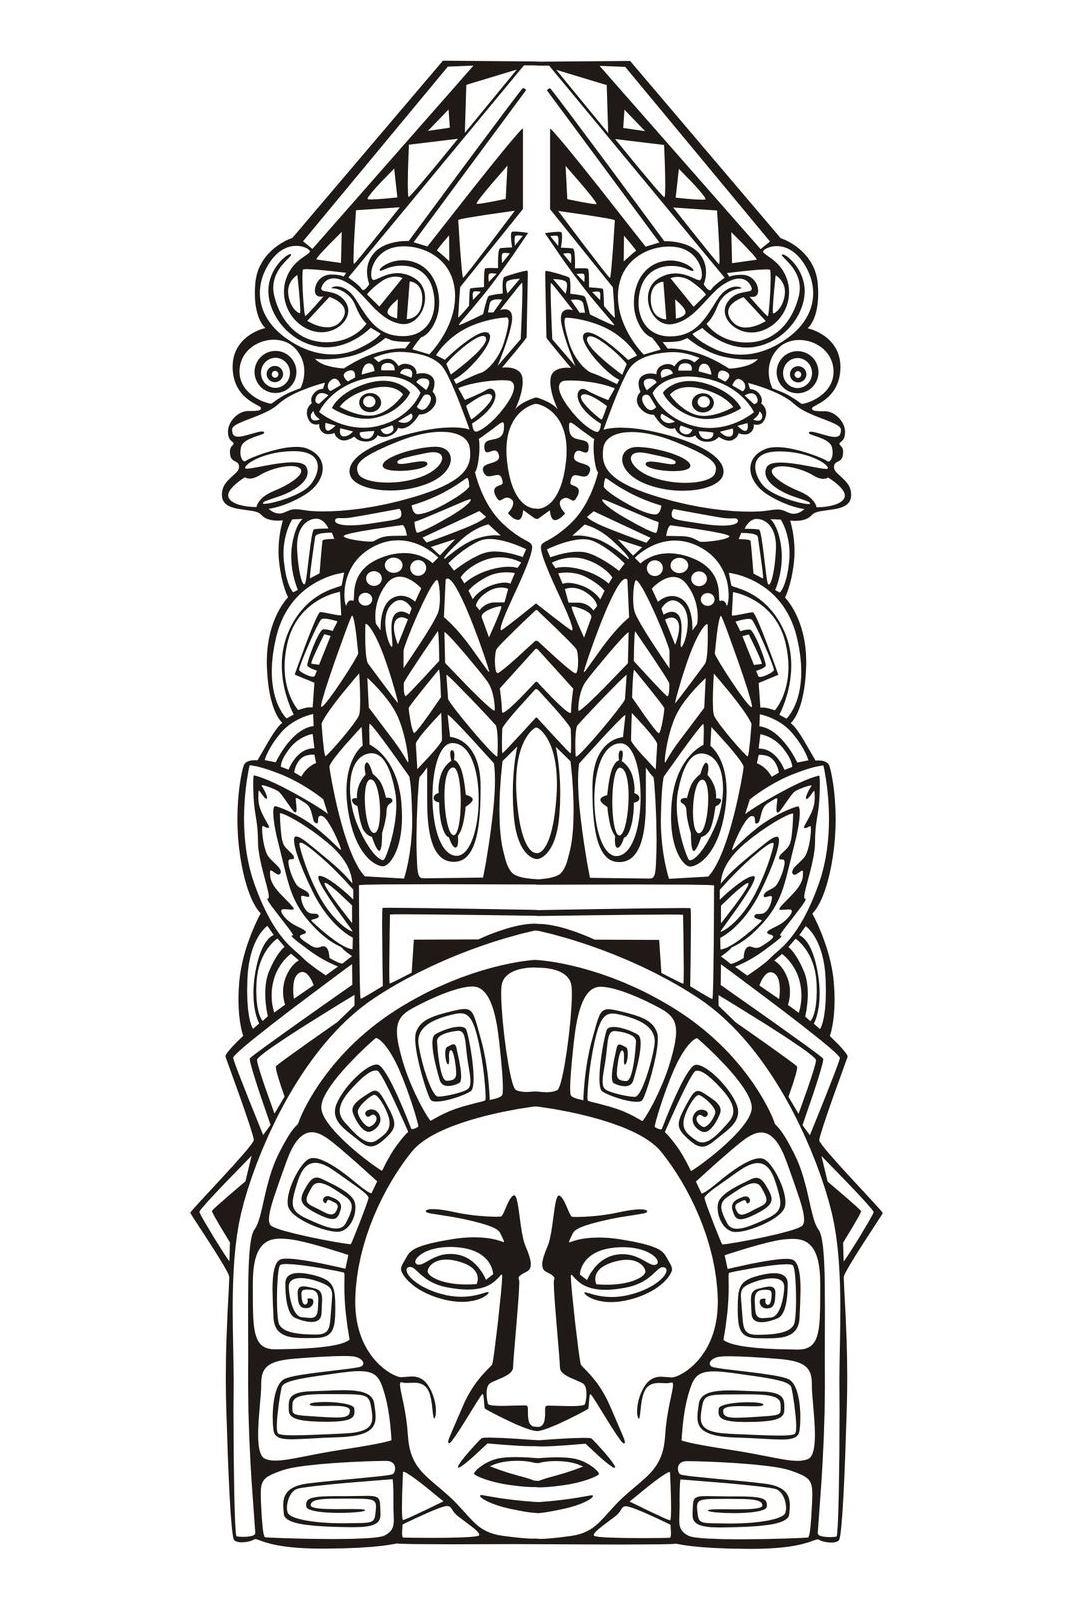 Mayas aztecas e incas 1960 - Mayas, Aztecas e Incas - Colorear para ...